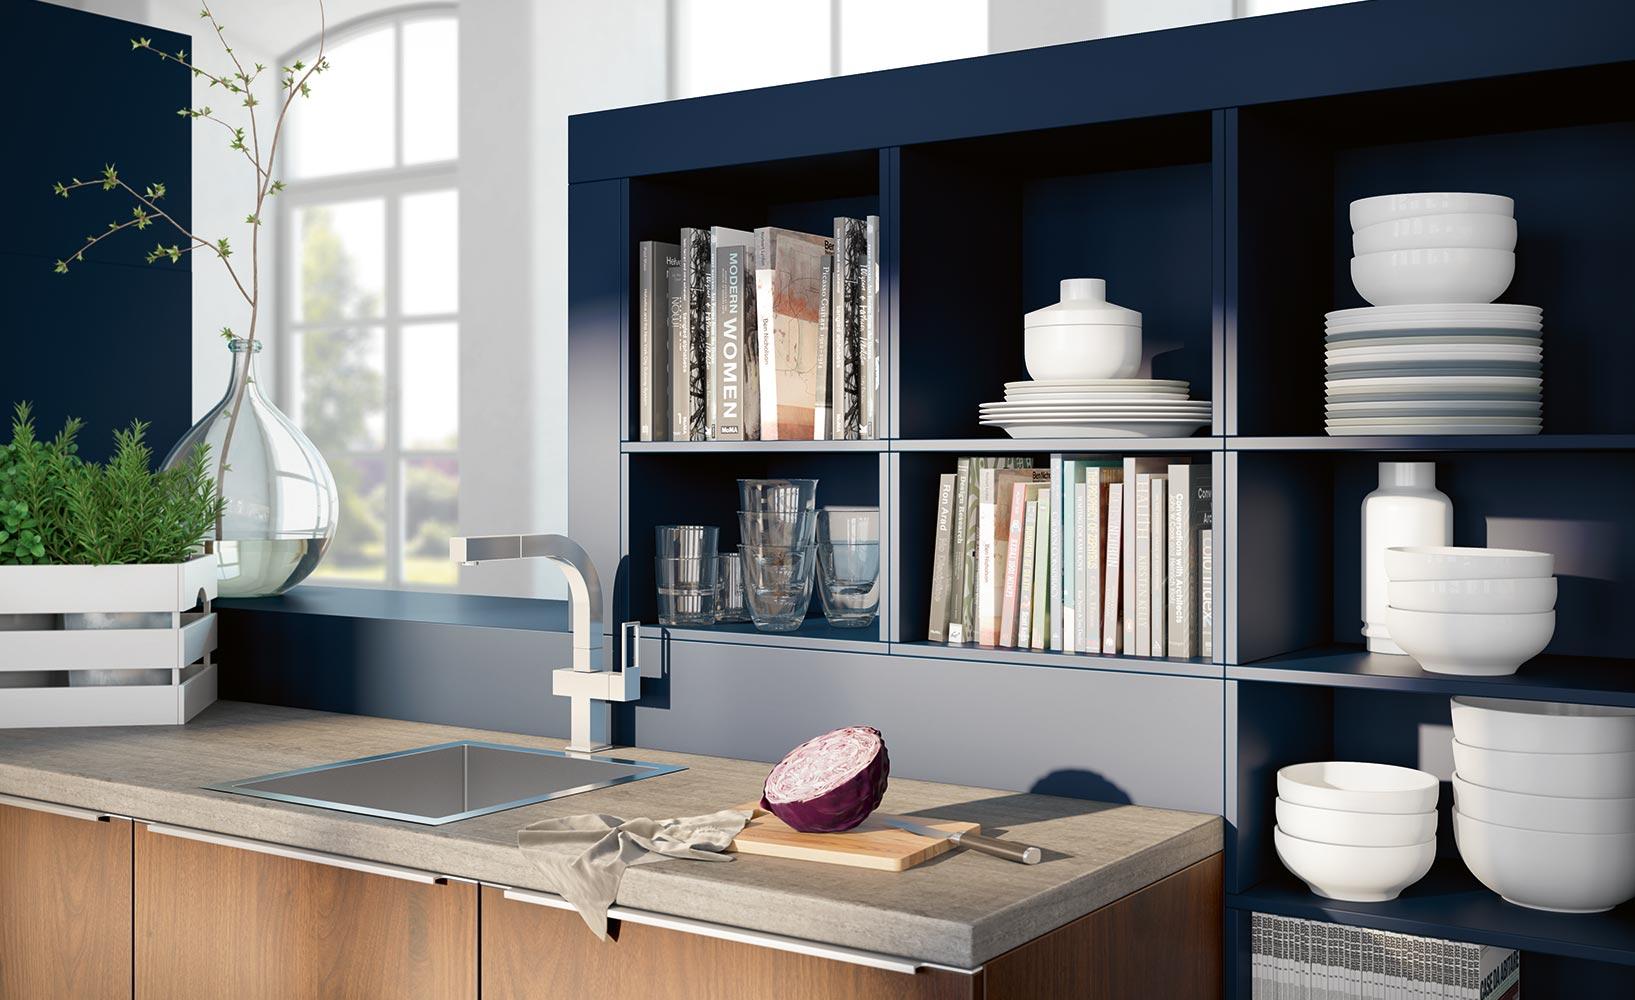 die designk che stilvolle funktionalit t und formreduzierung. Black Bedroom Furniture Sets. Home Design Ideas